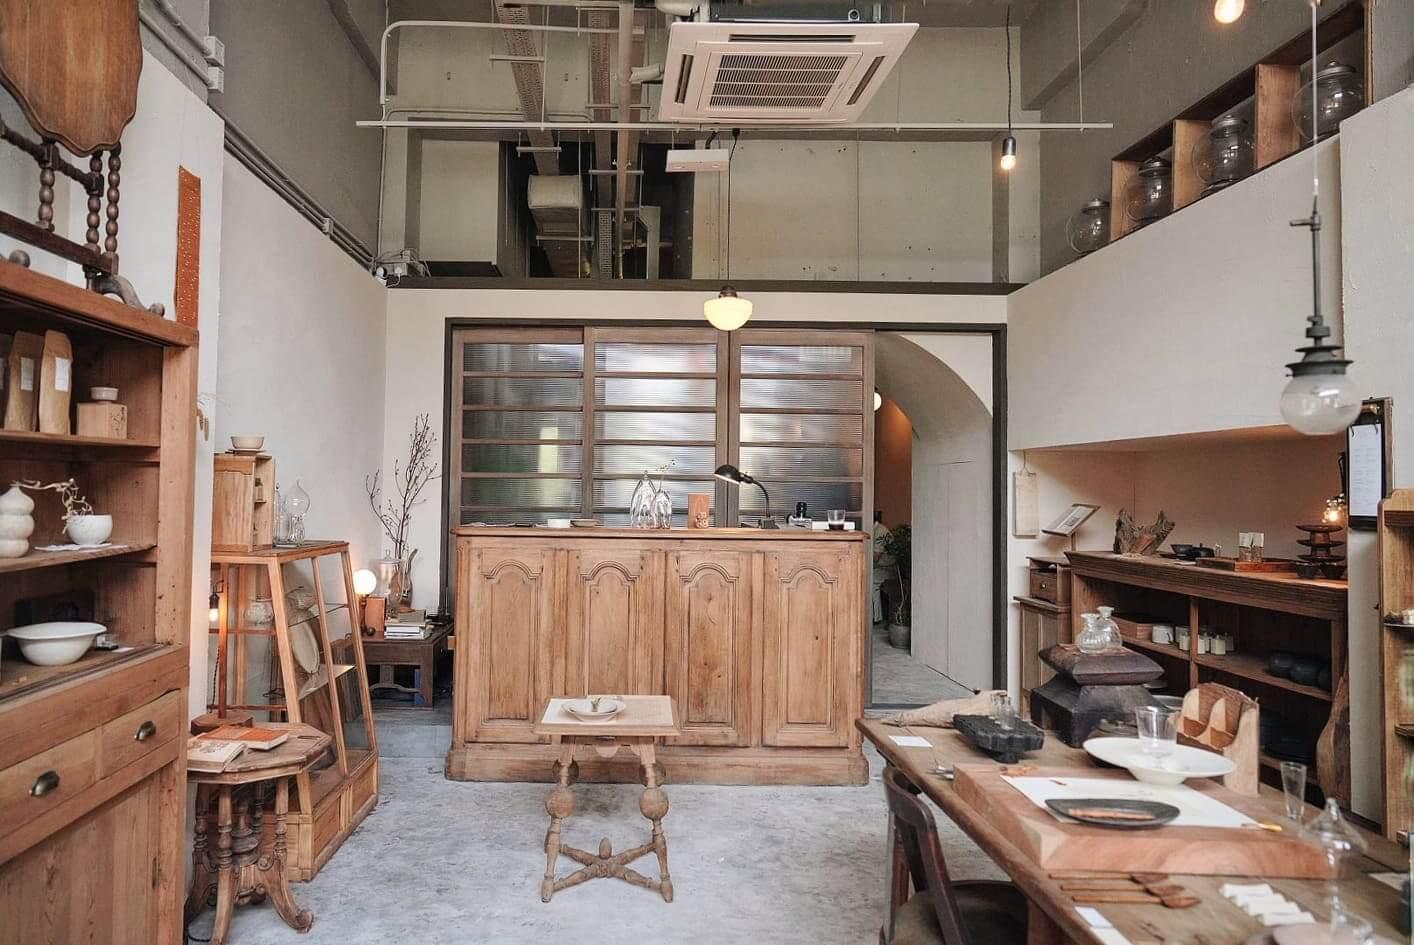 店內藏品及貨品,以日式、法國鄉村、陶瓷,到近代藝術家的作品均有。